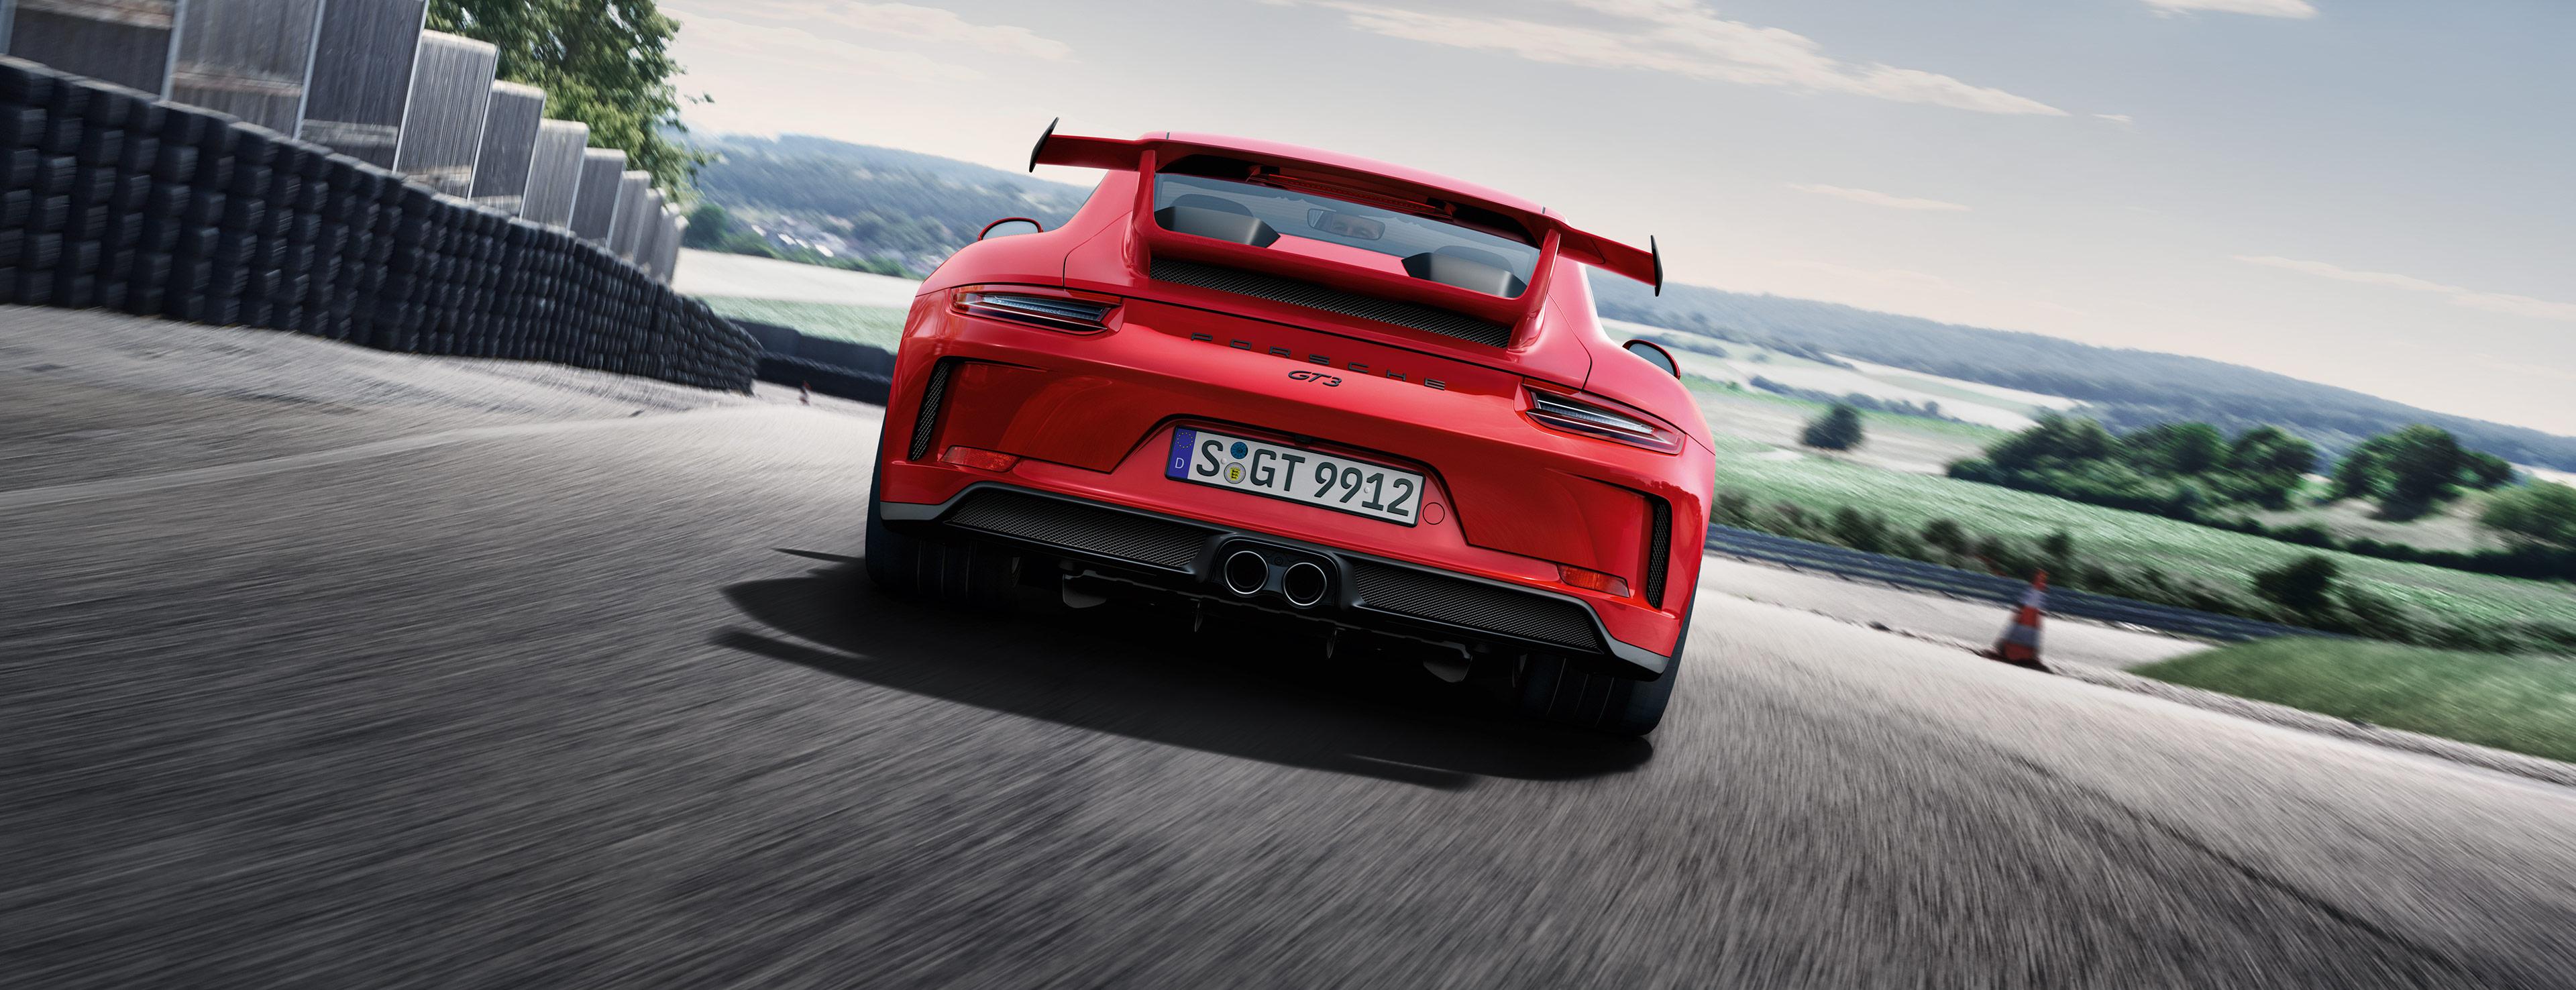 Porsche Driving Experience >> Porsche 911 GT3 Modelle - Porsche Deutschland